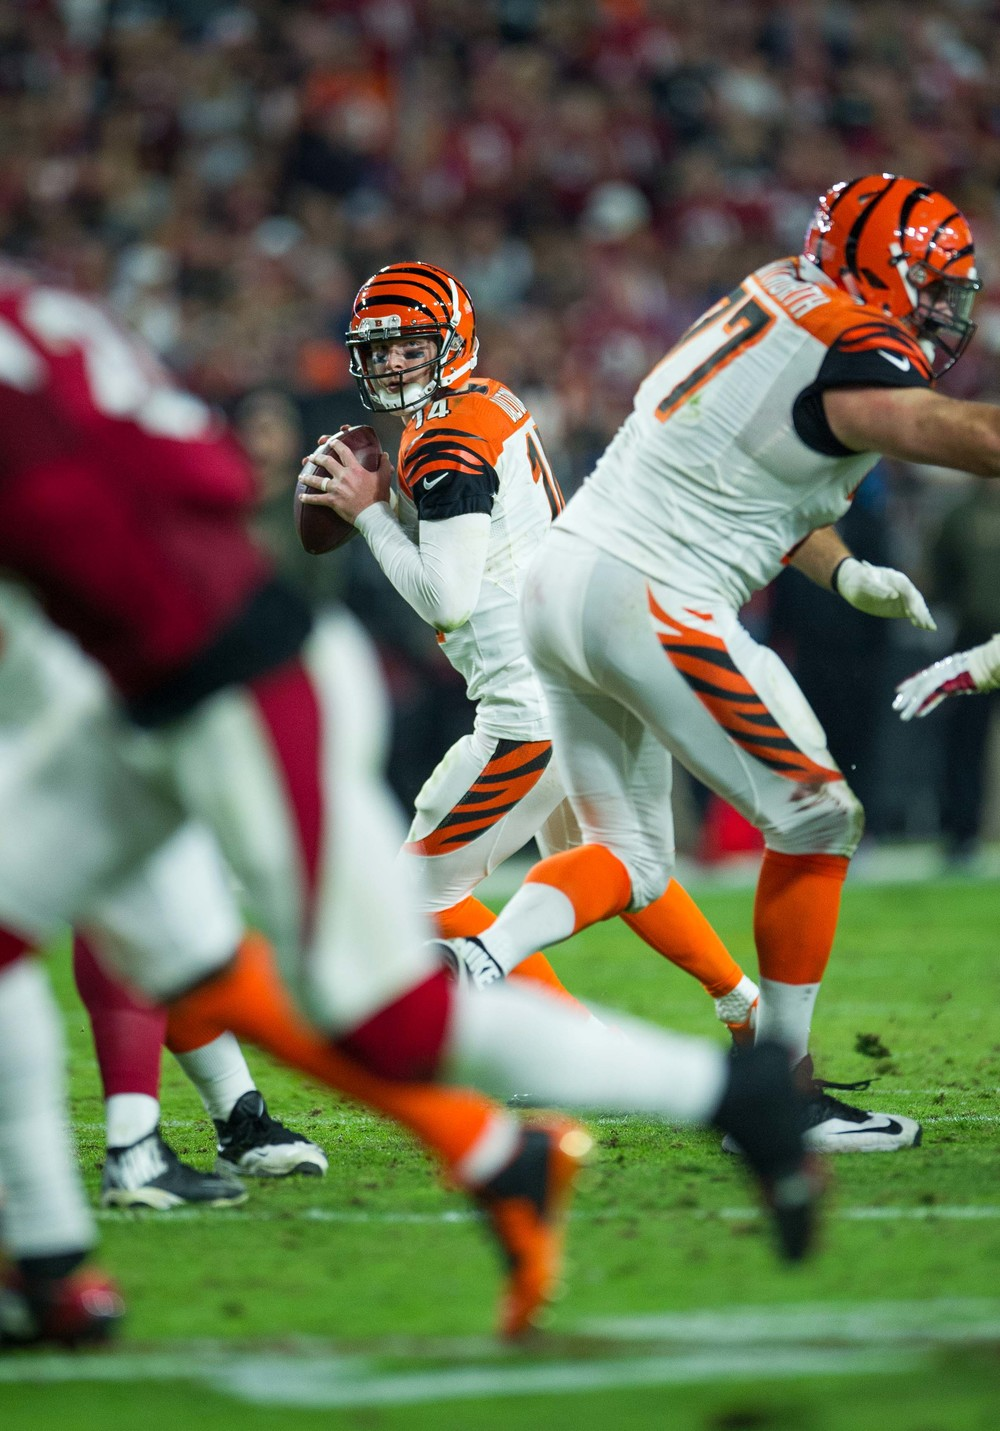 NFL_31.jpg